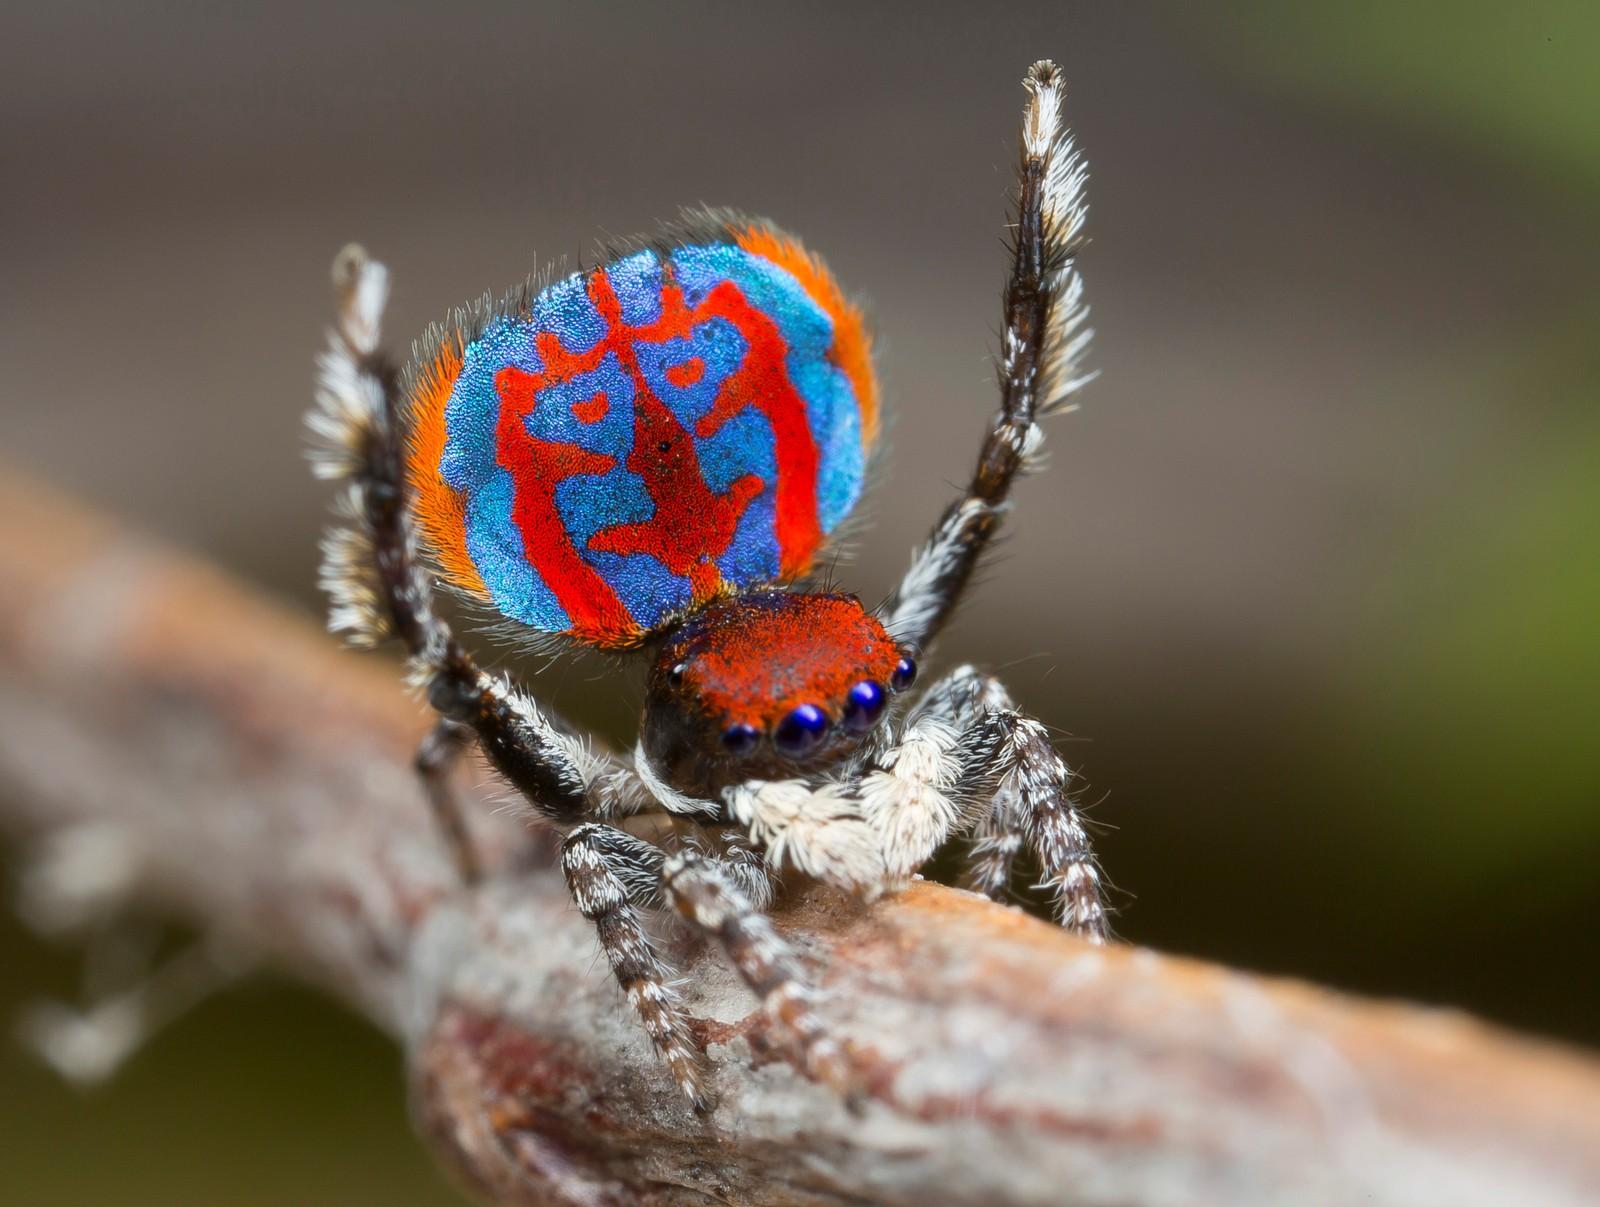 Den nyoppdagede edderkopparten australsk påfugledderkopp (Maratus Bubo) brisker seg for fotografen.